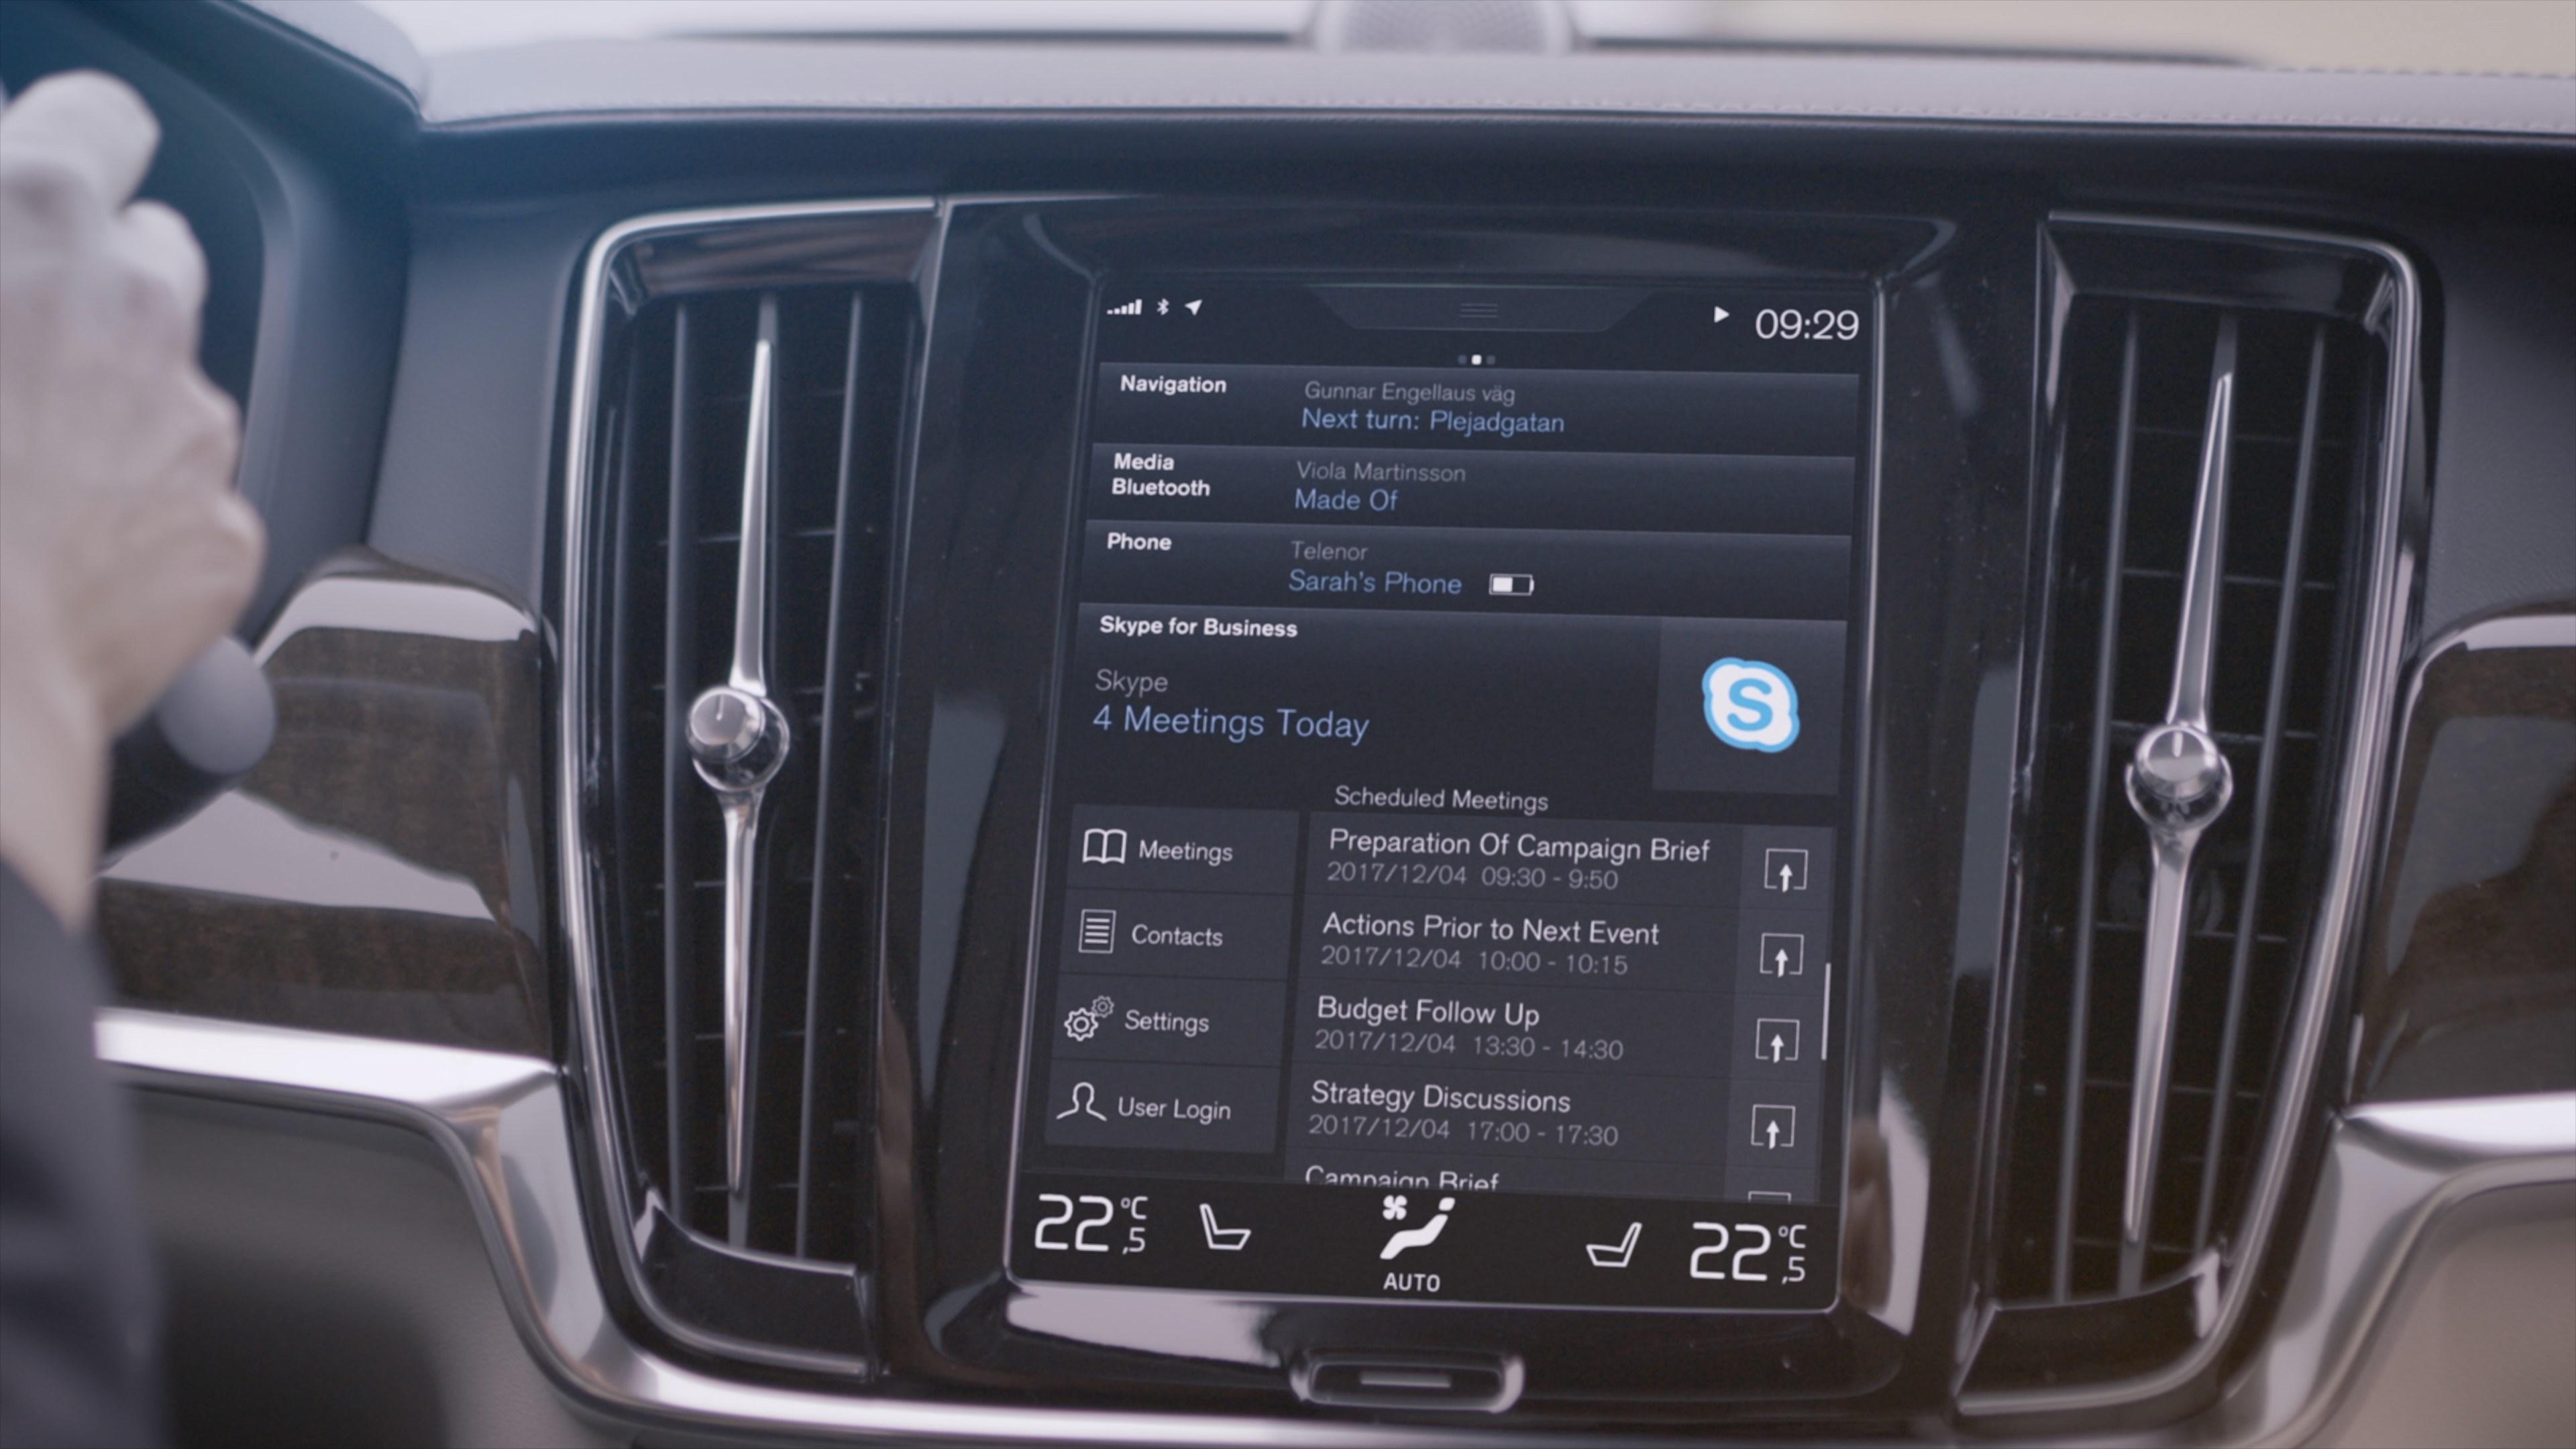 沃尔沃Sensus智能车载互联系统 3年之内,自动驾驶汽车将走入平常百姓家。CES期间我受邀参加了Zenuity公司的晚宴。额外提一句,Zenuity是2016年由沃尔沃汽车与Autoliv公司合资成立的新公司,专攻自动驾驶以及主动安全软件,CEO是我的老同事。借此次机会,我打听到一些开发进度的内幕消息,再结合Waymo、Nvidia的新进展(Drive